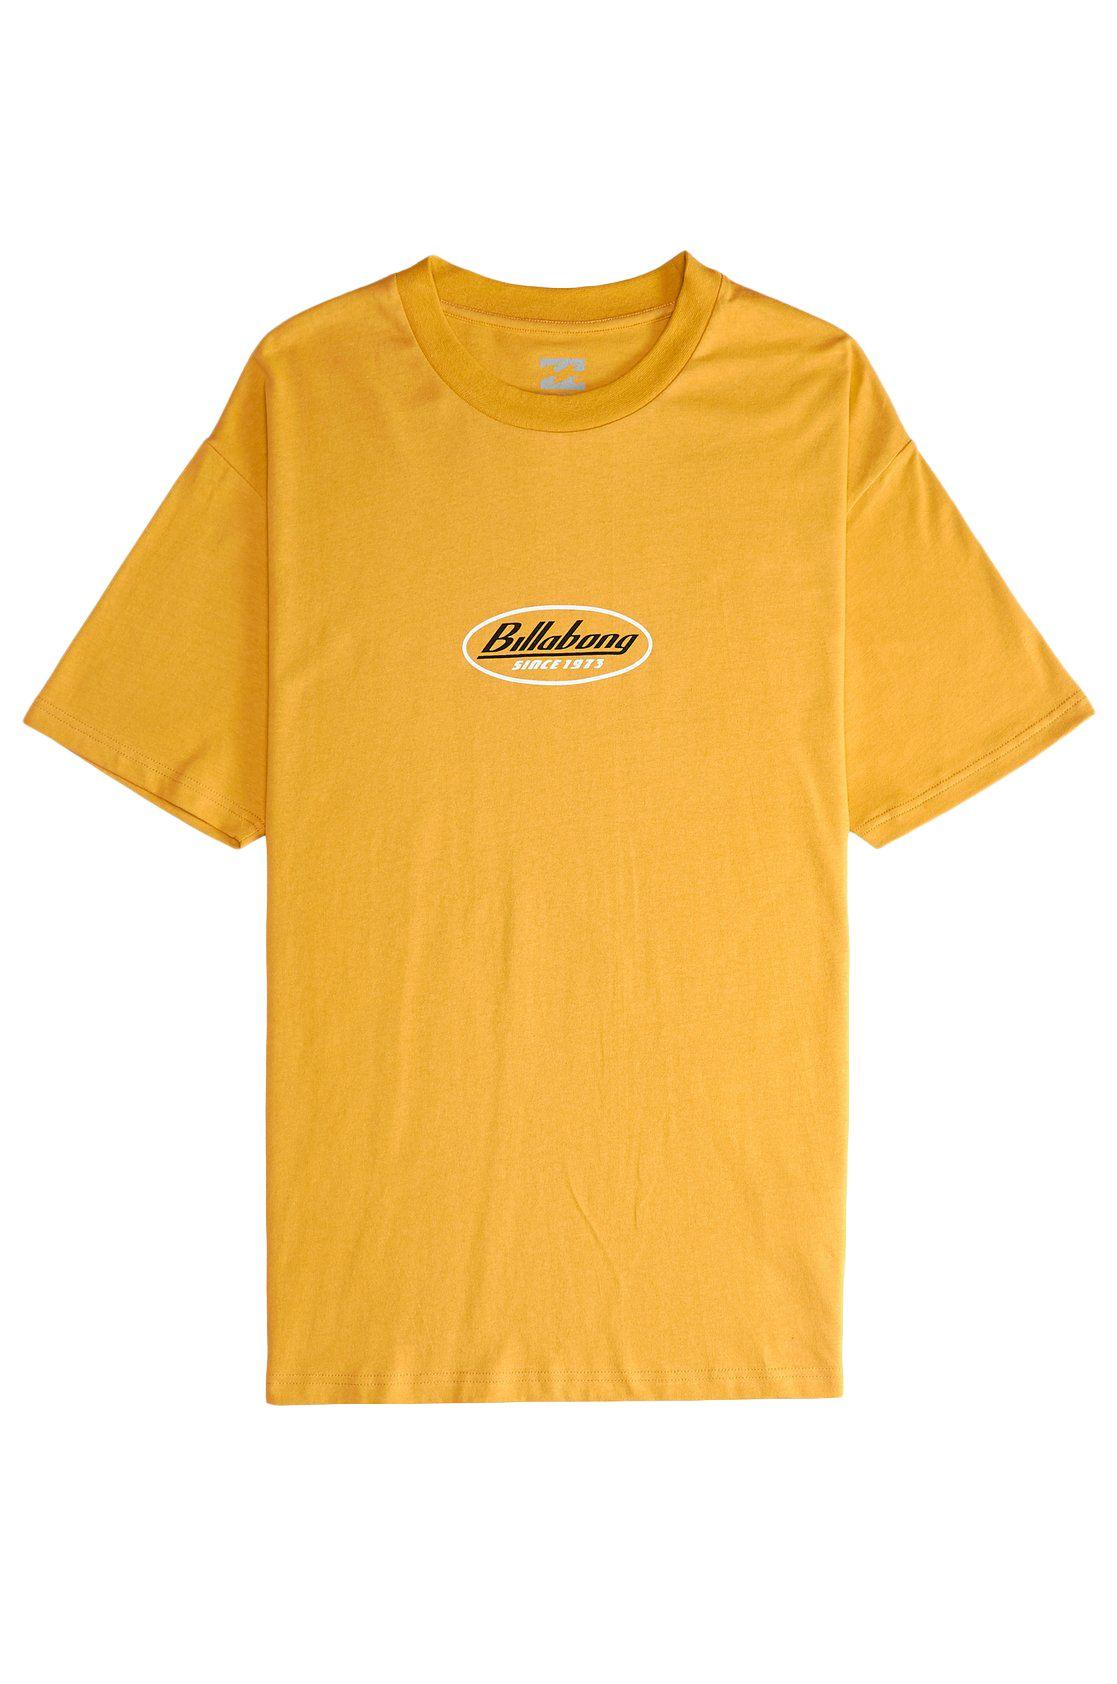 T-Shirt Billabong 97 Mustard